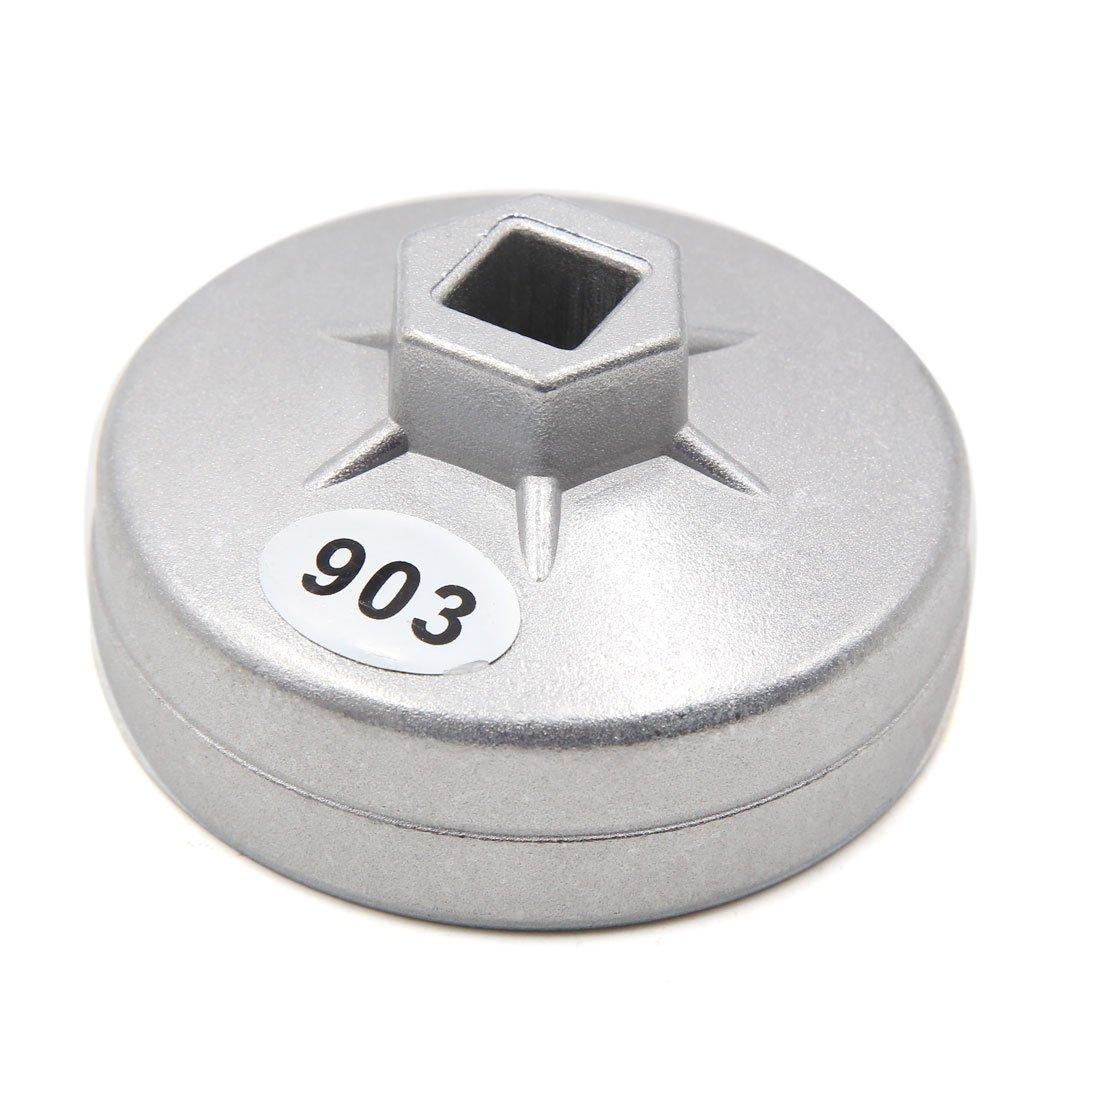 sourcingmap® L'alliage aluminium 14 mm flûte 76mm diamètre intérieur Cap-Type Clé filtre huile pour véhicule a17011200ux0568